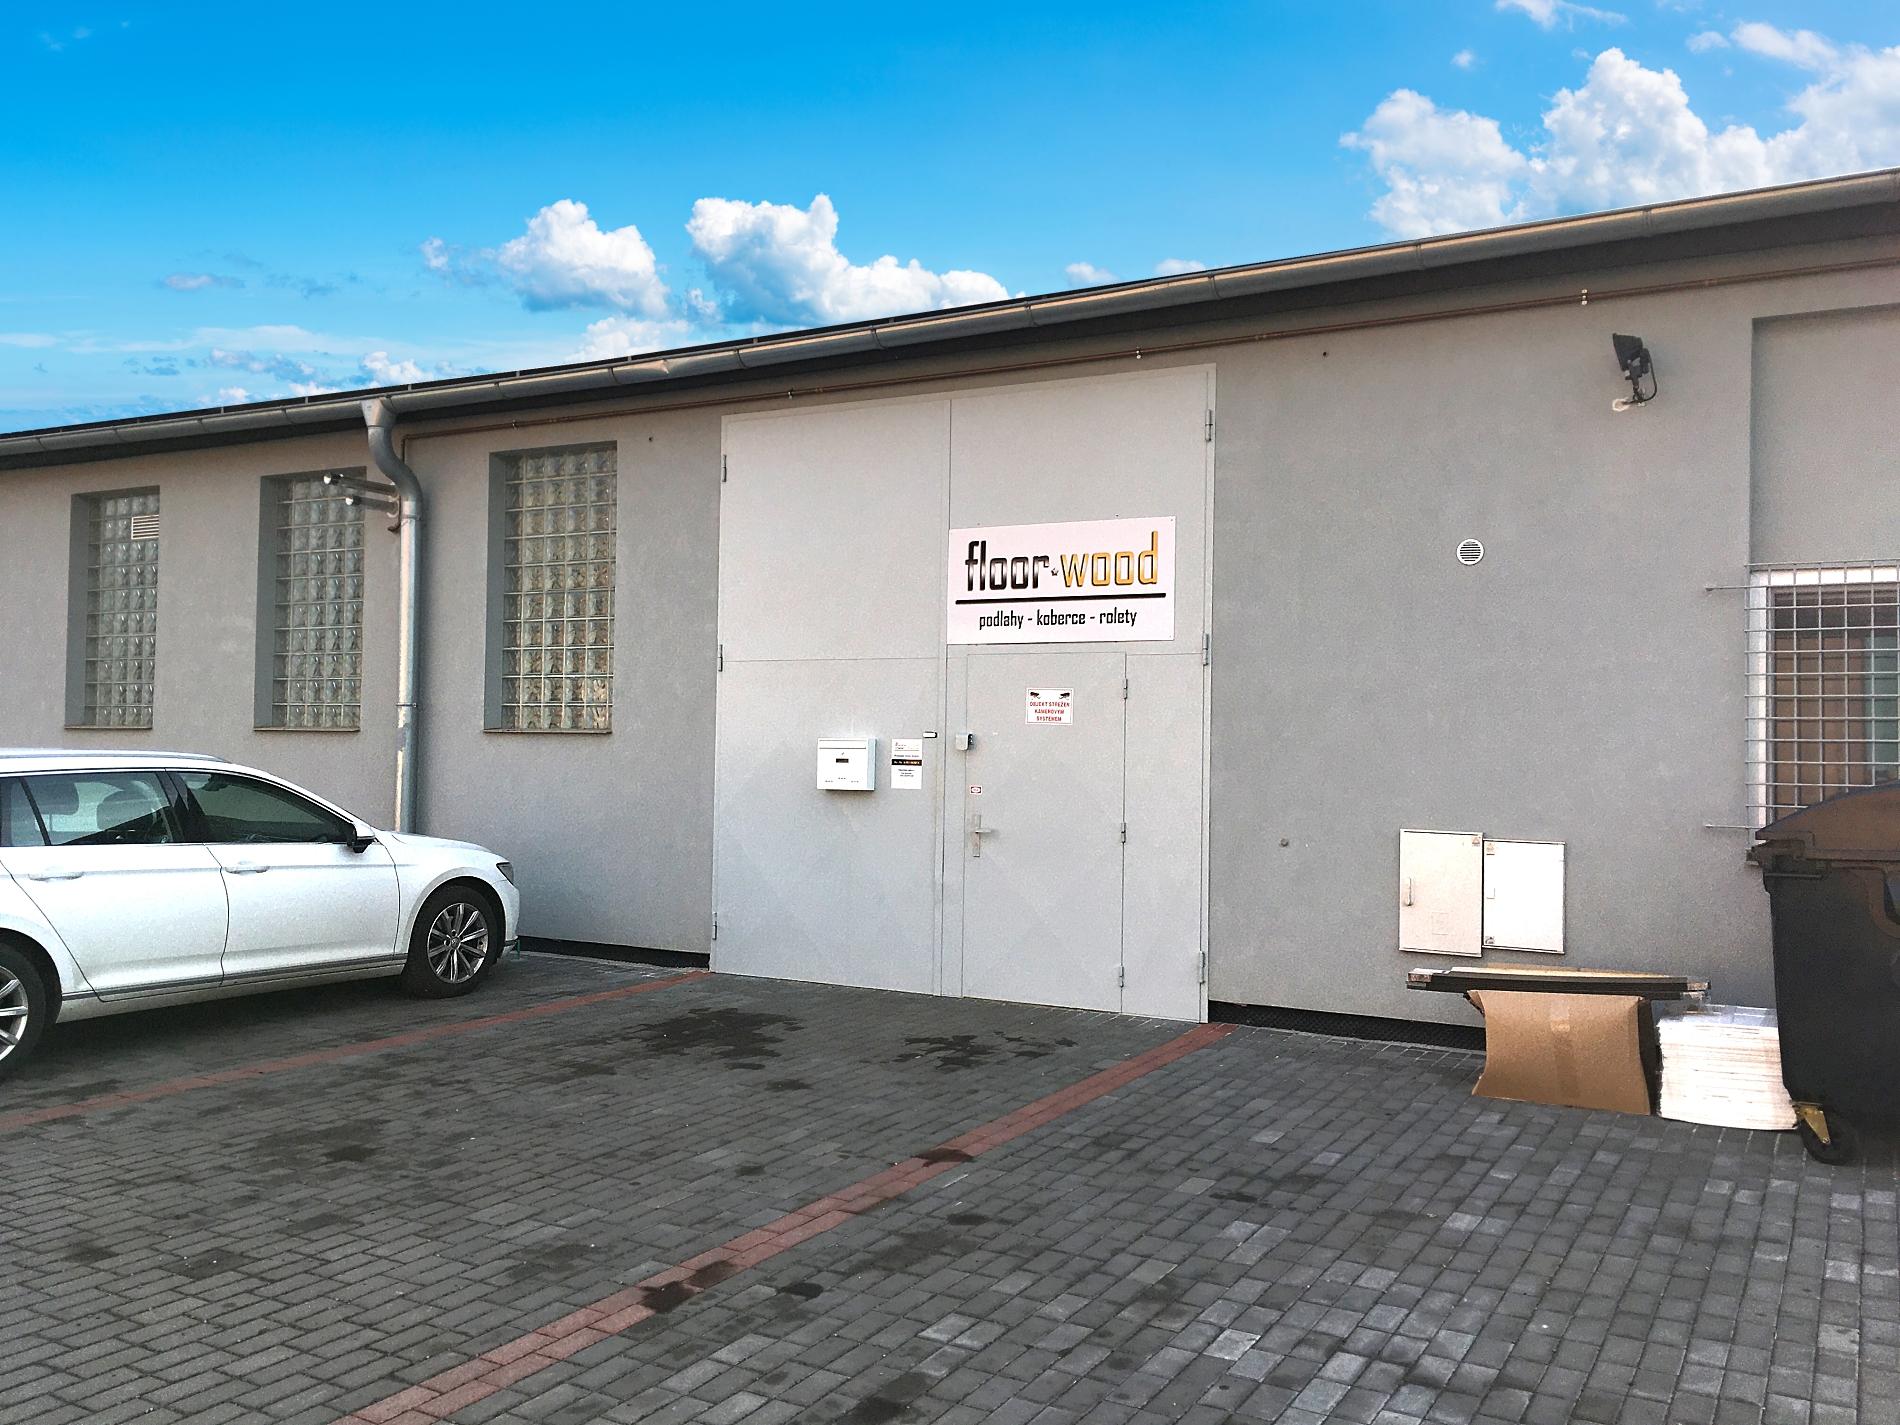 floorwood.cz a.s., Dražkovice 212, Pardubice, sklad a výdejní místo